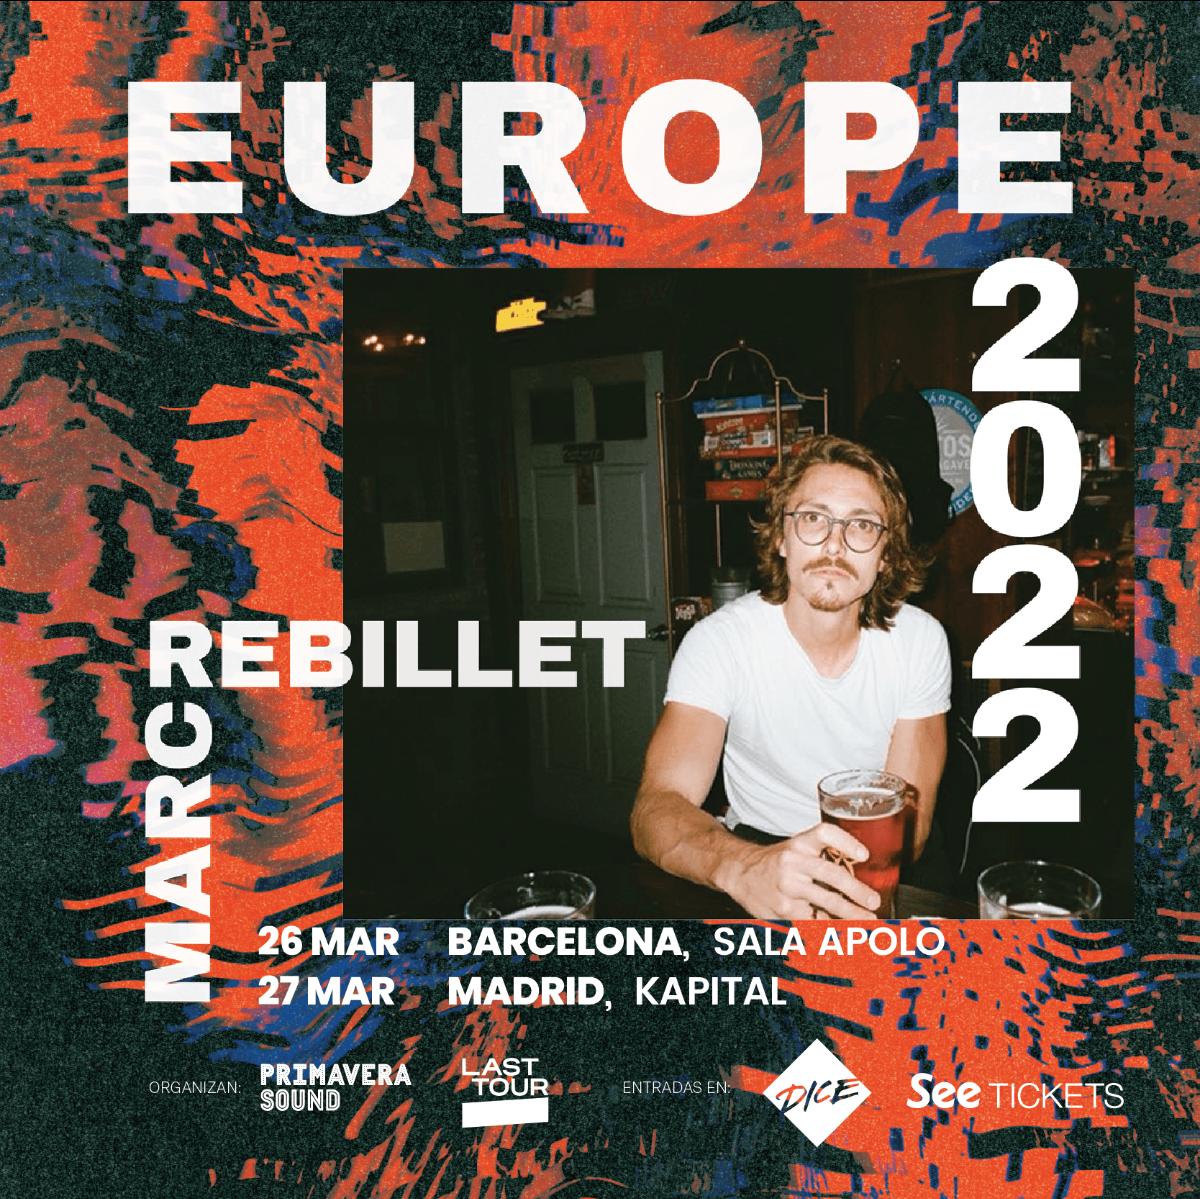 La broma funk de Marc Rebillet va muy en serio: conciertos en Barcelona y Madrid en marzo